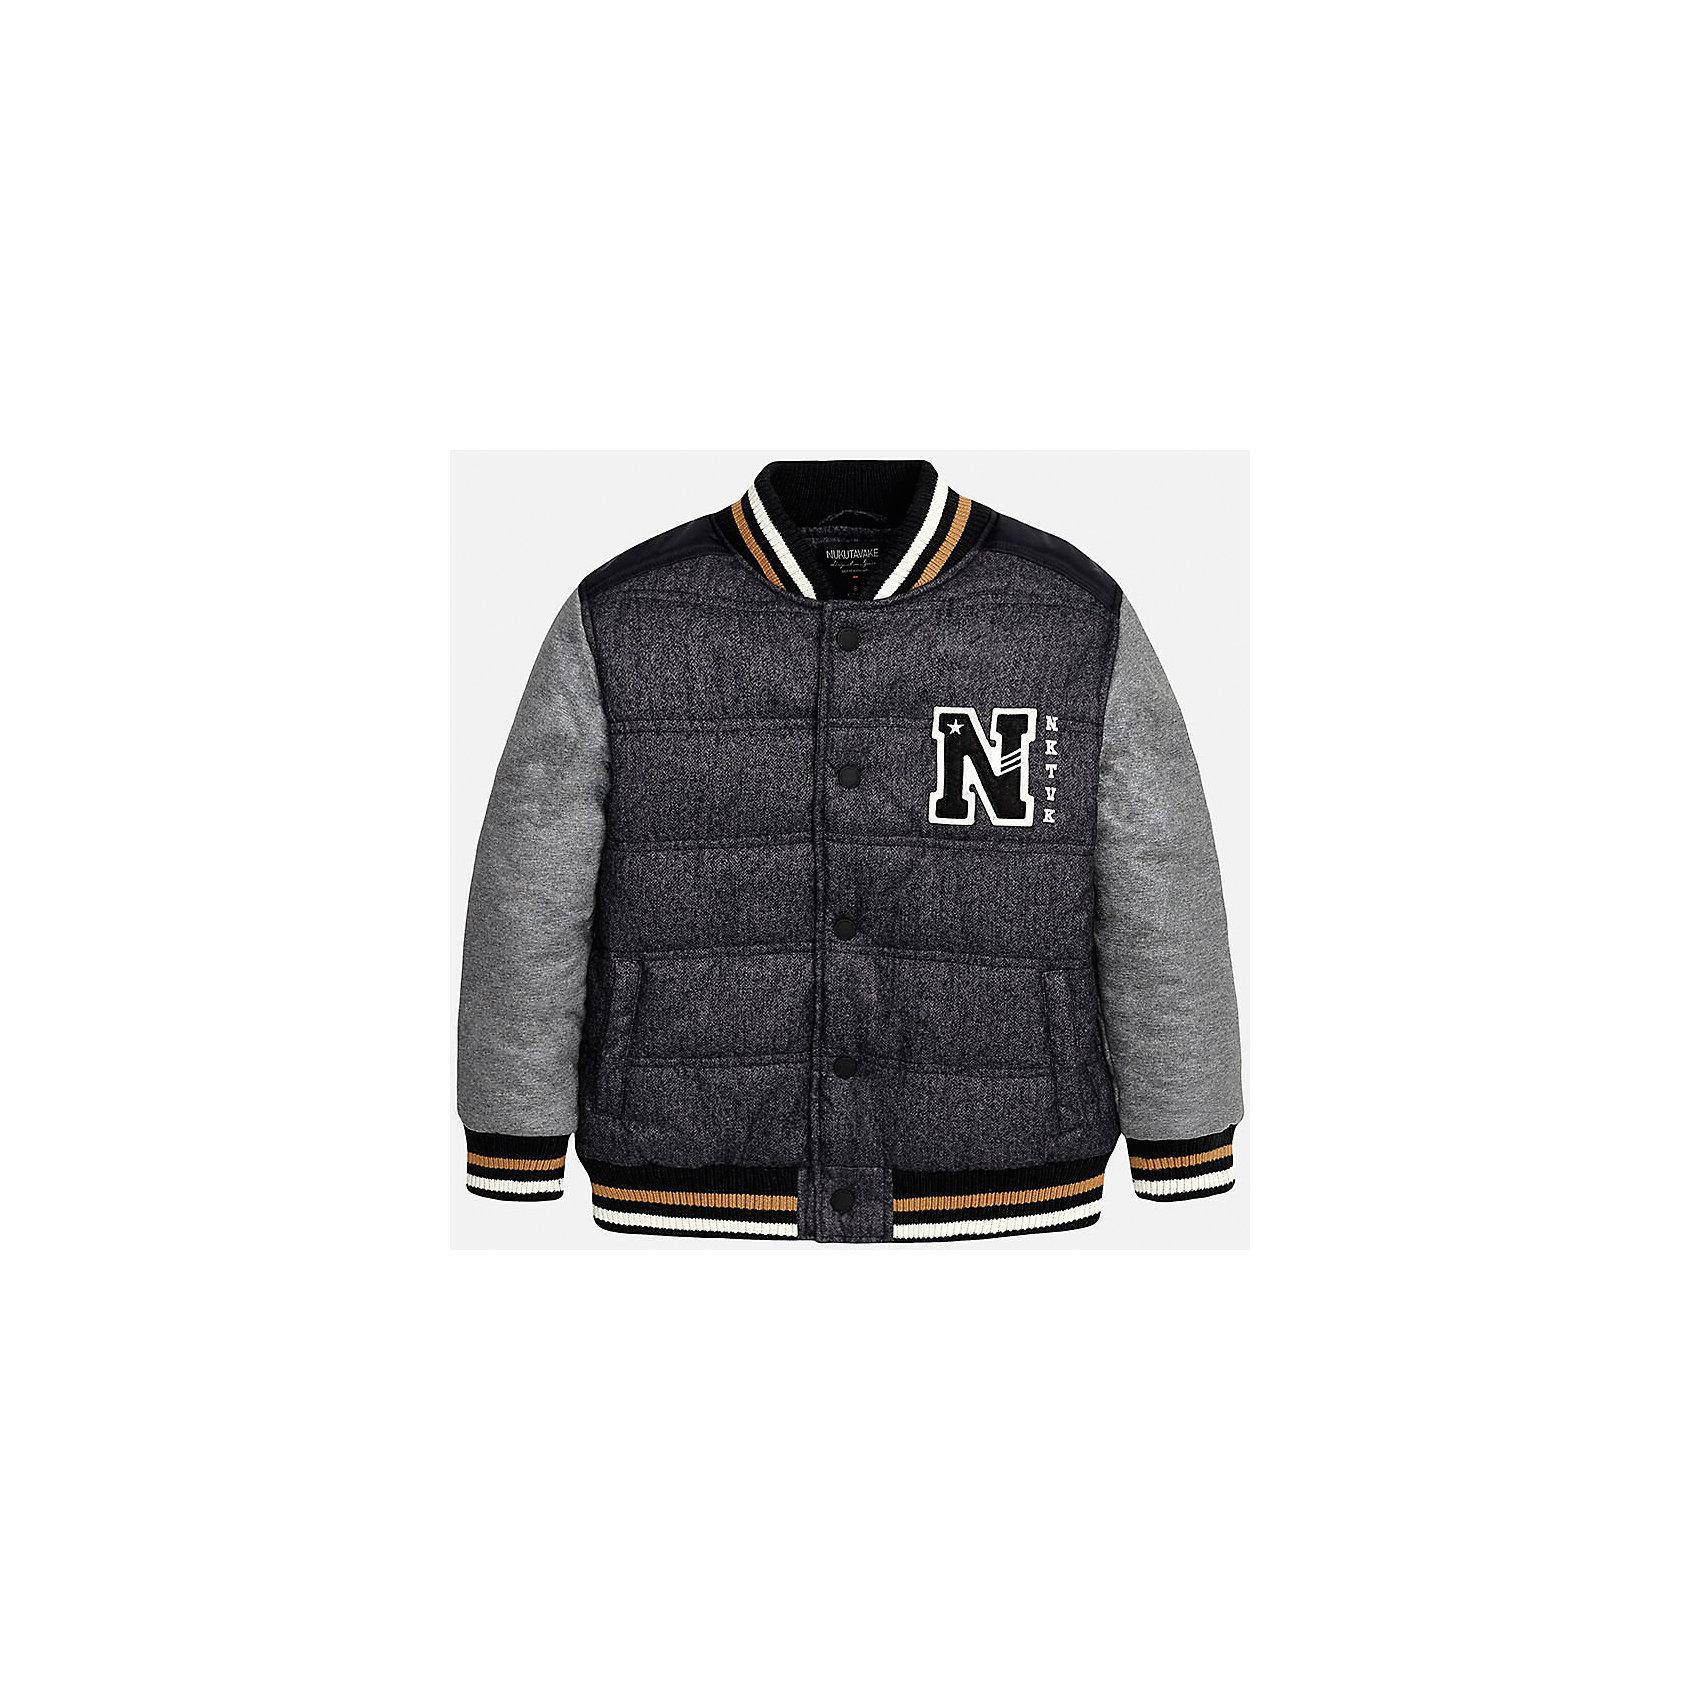 Куртка для мальчика MayoralВерхняя одежда<br>Куртка для мальчика известного испанского бренда Mayoral (Майорал). Стильная и удобная куртка на осень/весну. Пестрый черно-серый цвет сочетается серо-черными рукавами. Качественная нашивка в спортивном стиле и цветные трикотажные резинки на воротнике, манжетах и внизу куртки придутся по вкусу вашему чемпиону. У куртки имеются два кармана, застегивается на кнопки. Куртка изготовлена из непромокаемого и непродуваемого материала. Эта куртка отлично подойдет к джинсам или штанам спортивного стиля.<br><br>Дополнительная информация:<br><br>- Рукав: длинный<br>- Силуэт: прямой<br>Состав: 60% полиэстер, 40% хлопок<br><br>Куртку для мальчиков Mayoral (Майорал) можно купить в нашем интернет-магазине.<br><br>Подробнее:<br>• Для детей в возрасте: от 10 до 16 лет<br>• Номер товара: 4827079<br>Страна производитель: Китай<br><br>Ширина мм: 356<br>Глубина мм: 10<br>Высота мм: 245<br>Вес г: 519<br>Цвет: черный<br>Возраст от месяцев: 96<br>Возраст до месяцев: 108<br>Пол: Мужской<br>Возраст: Детский<br>Размер: 128/134,140/146,152/158,158/164,164/170,146/152<br>SKU: 4827078